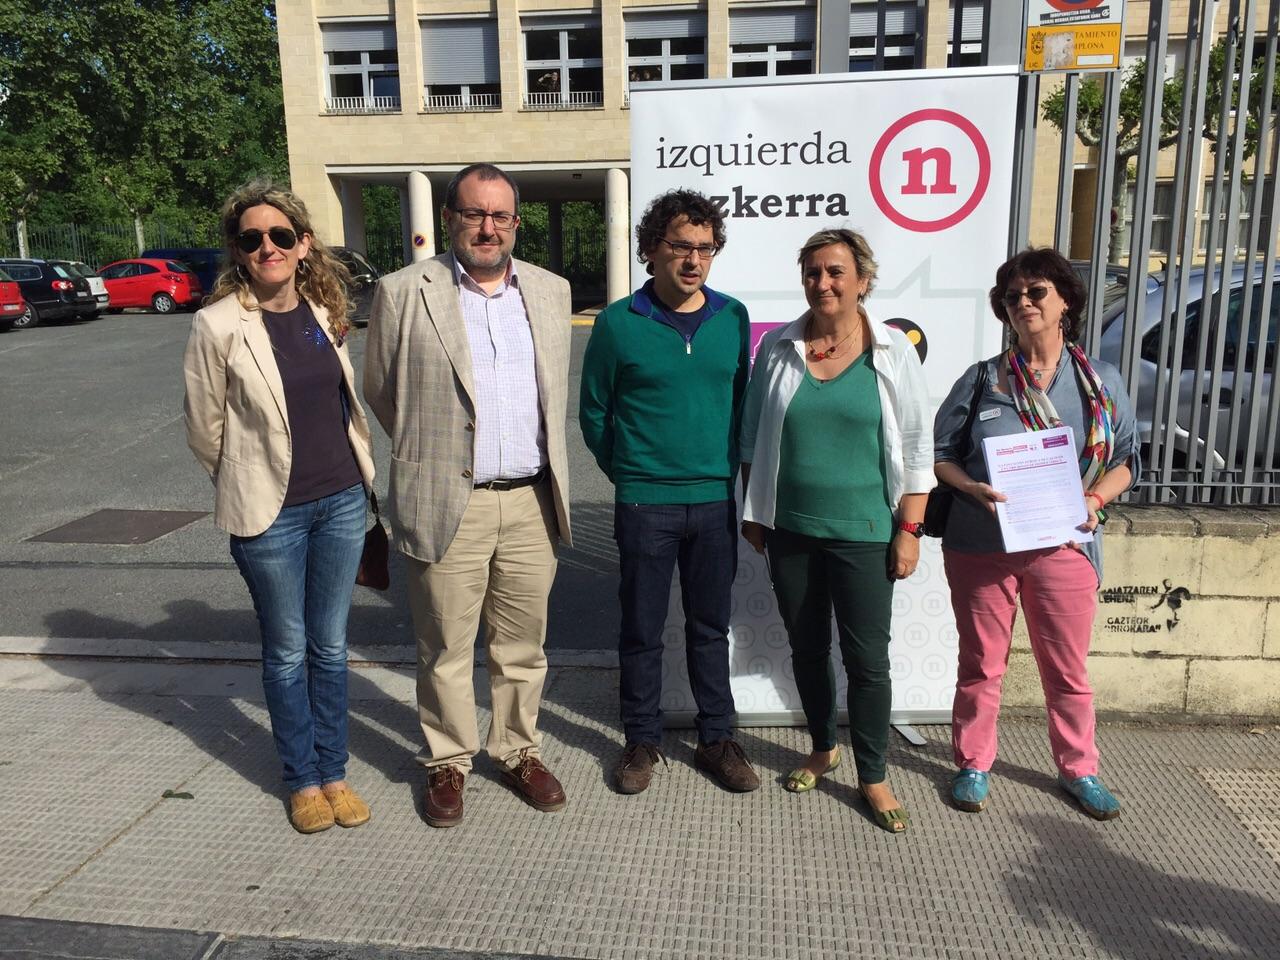 Izquierda-Ezkerra presenta su 10 Primeras medidas de para priorizar y mejorar la Enseñanza Pública en Navarra en un gobierno de izquierdas.